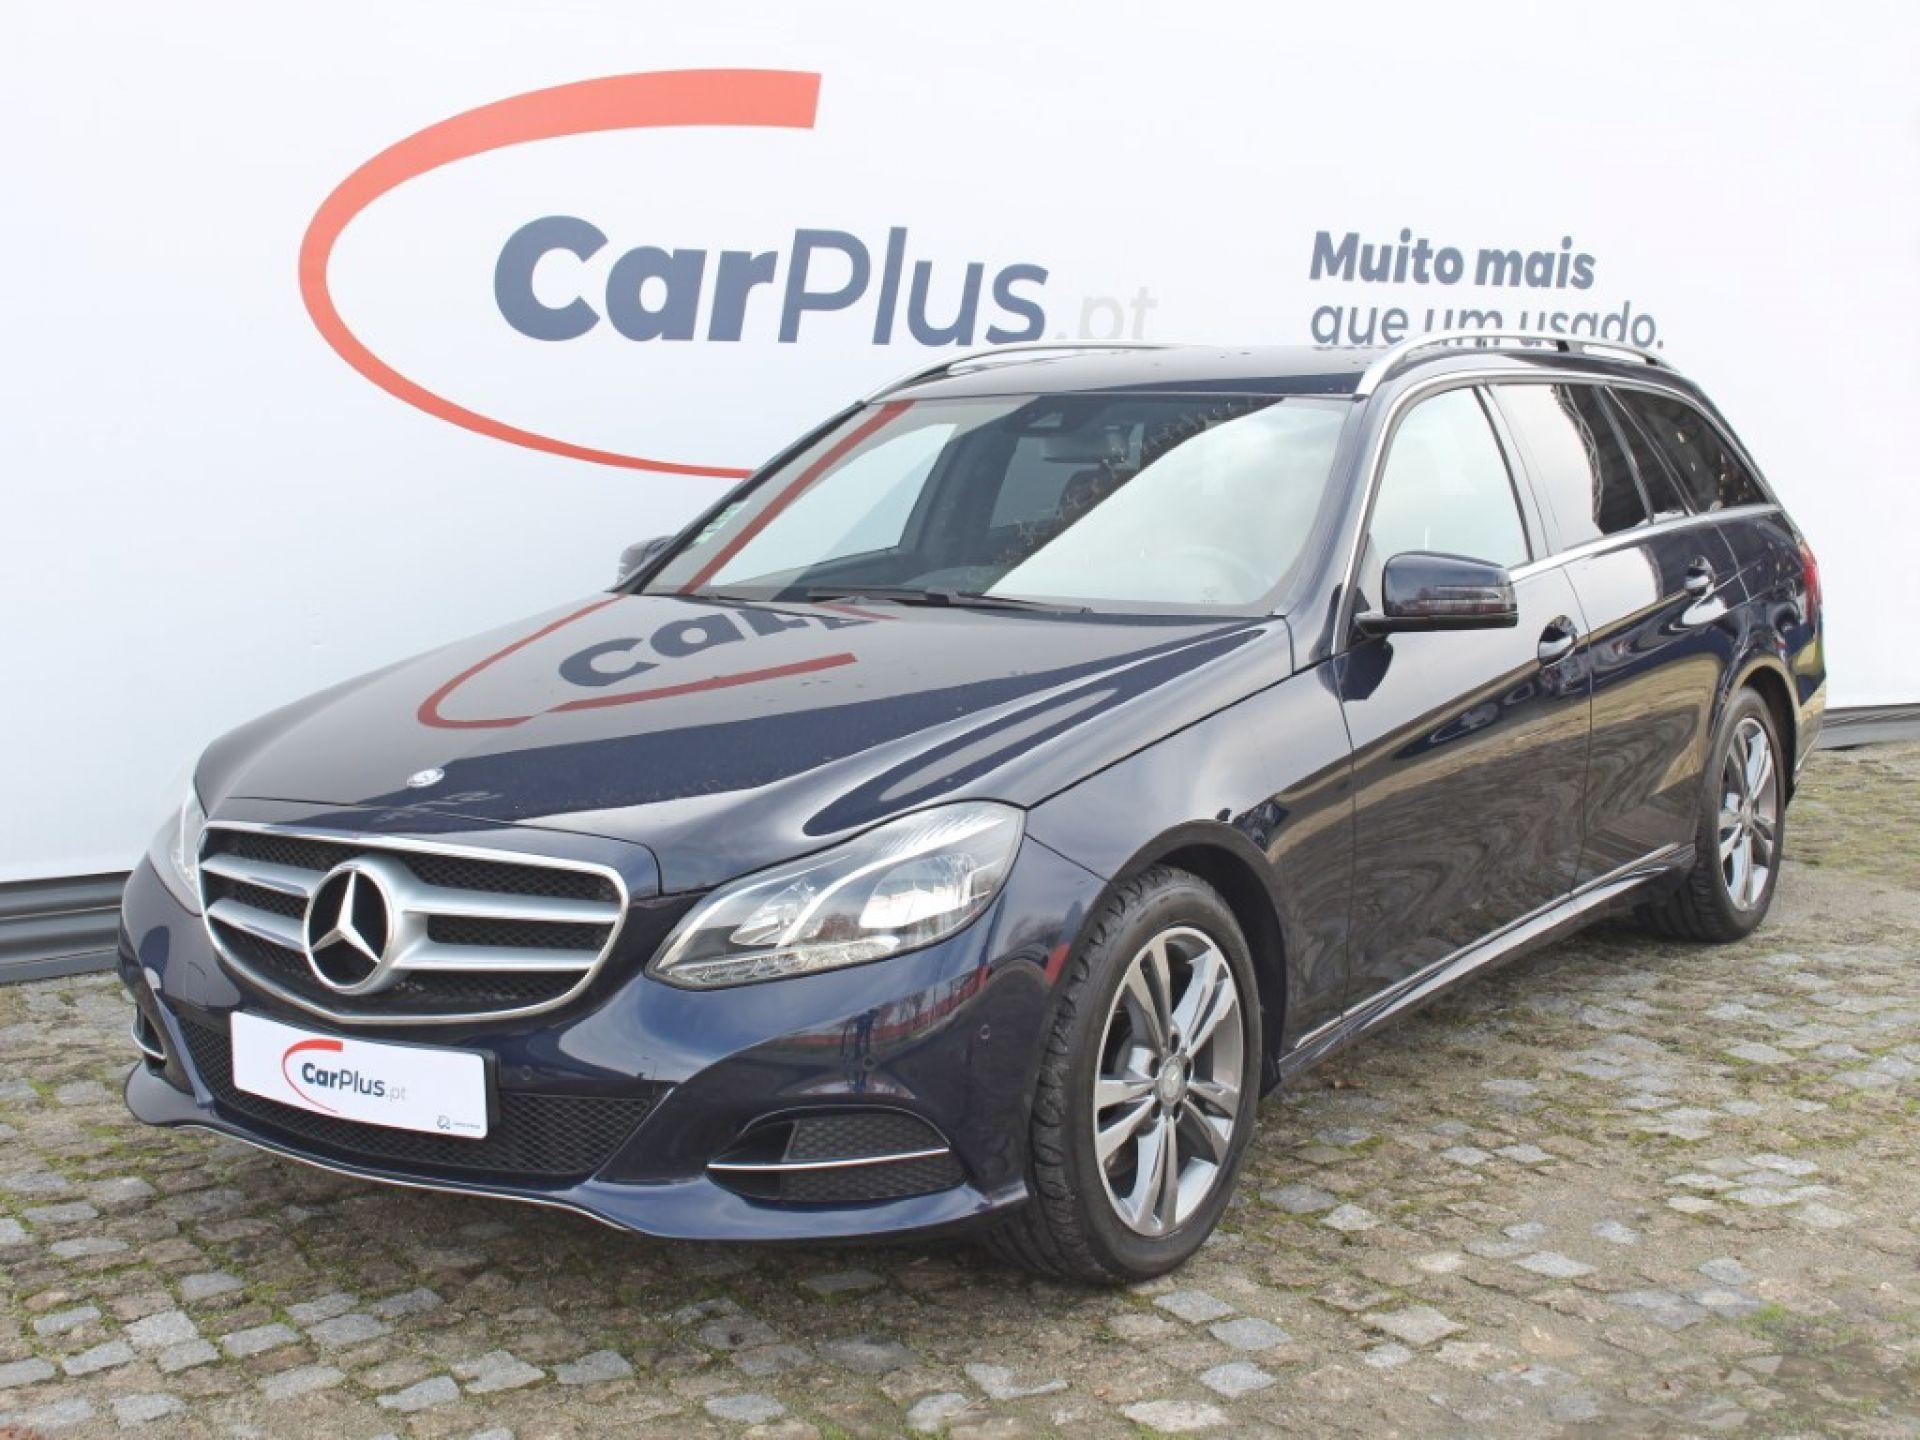 Mercedes Benz Classe E 300 BlueTEHYBRID Avantgarde Auto segunda mão Porto